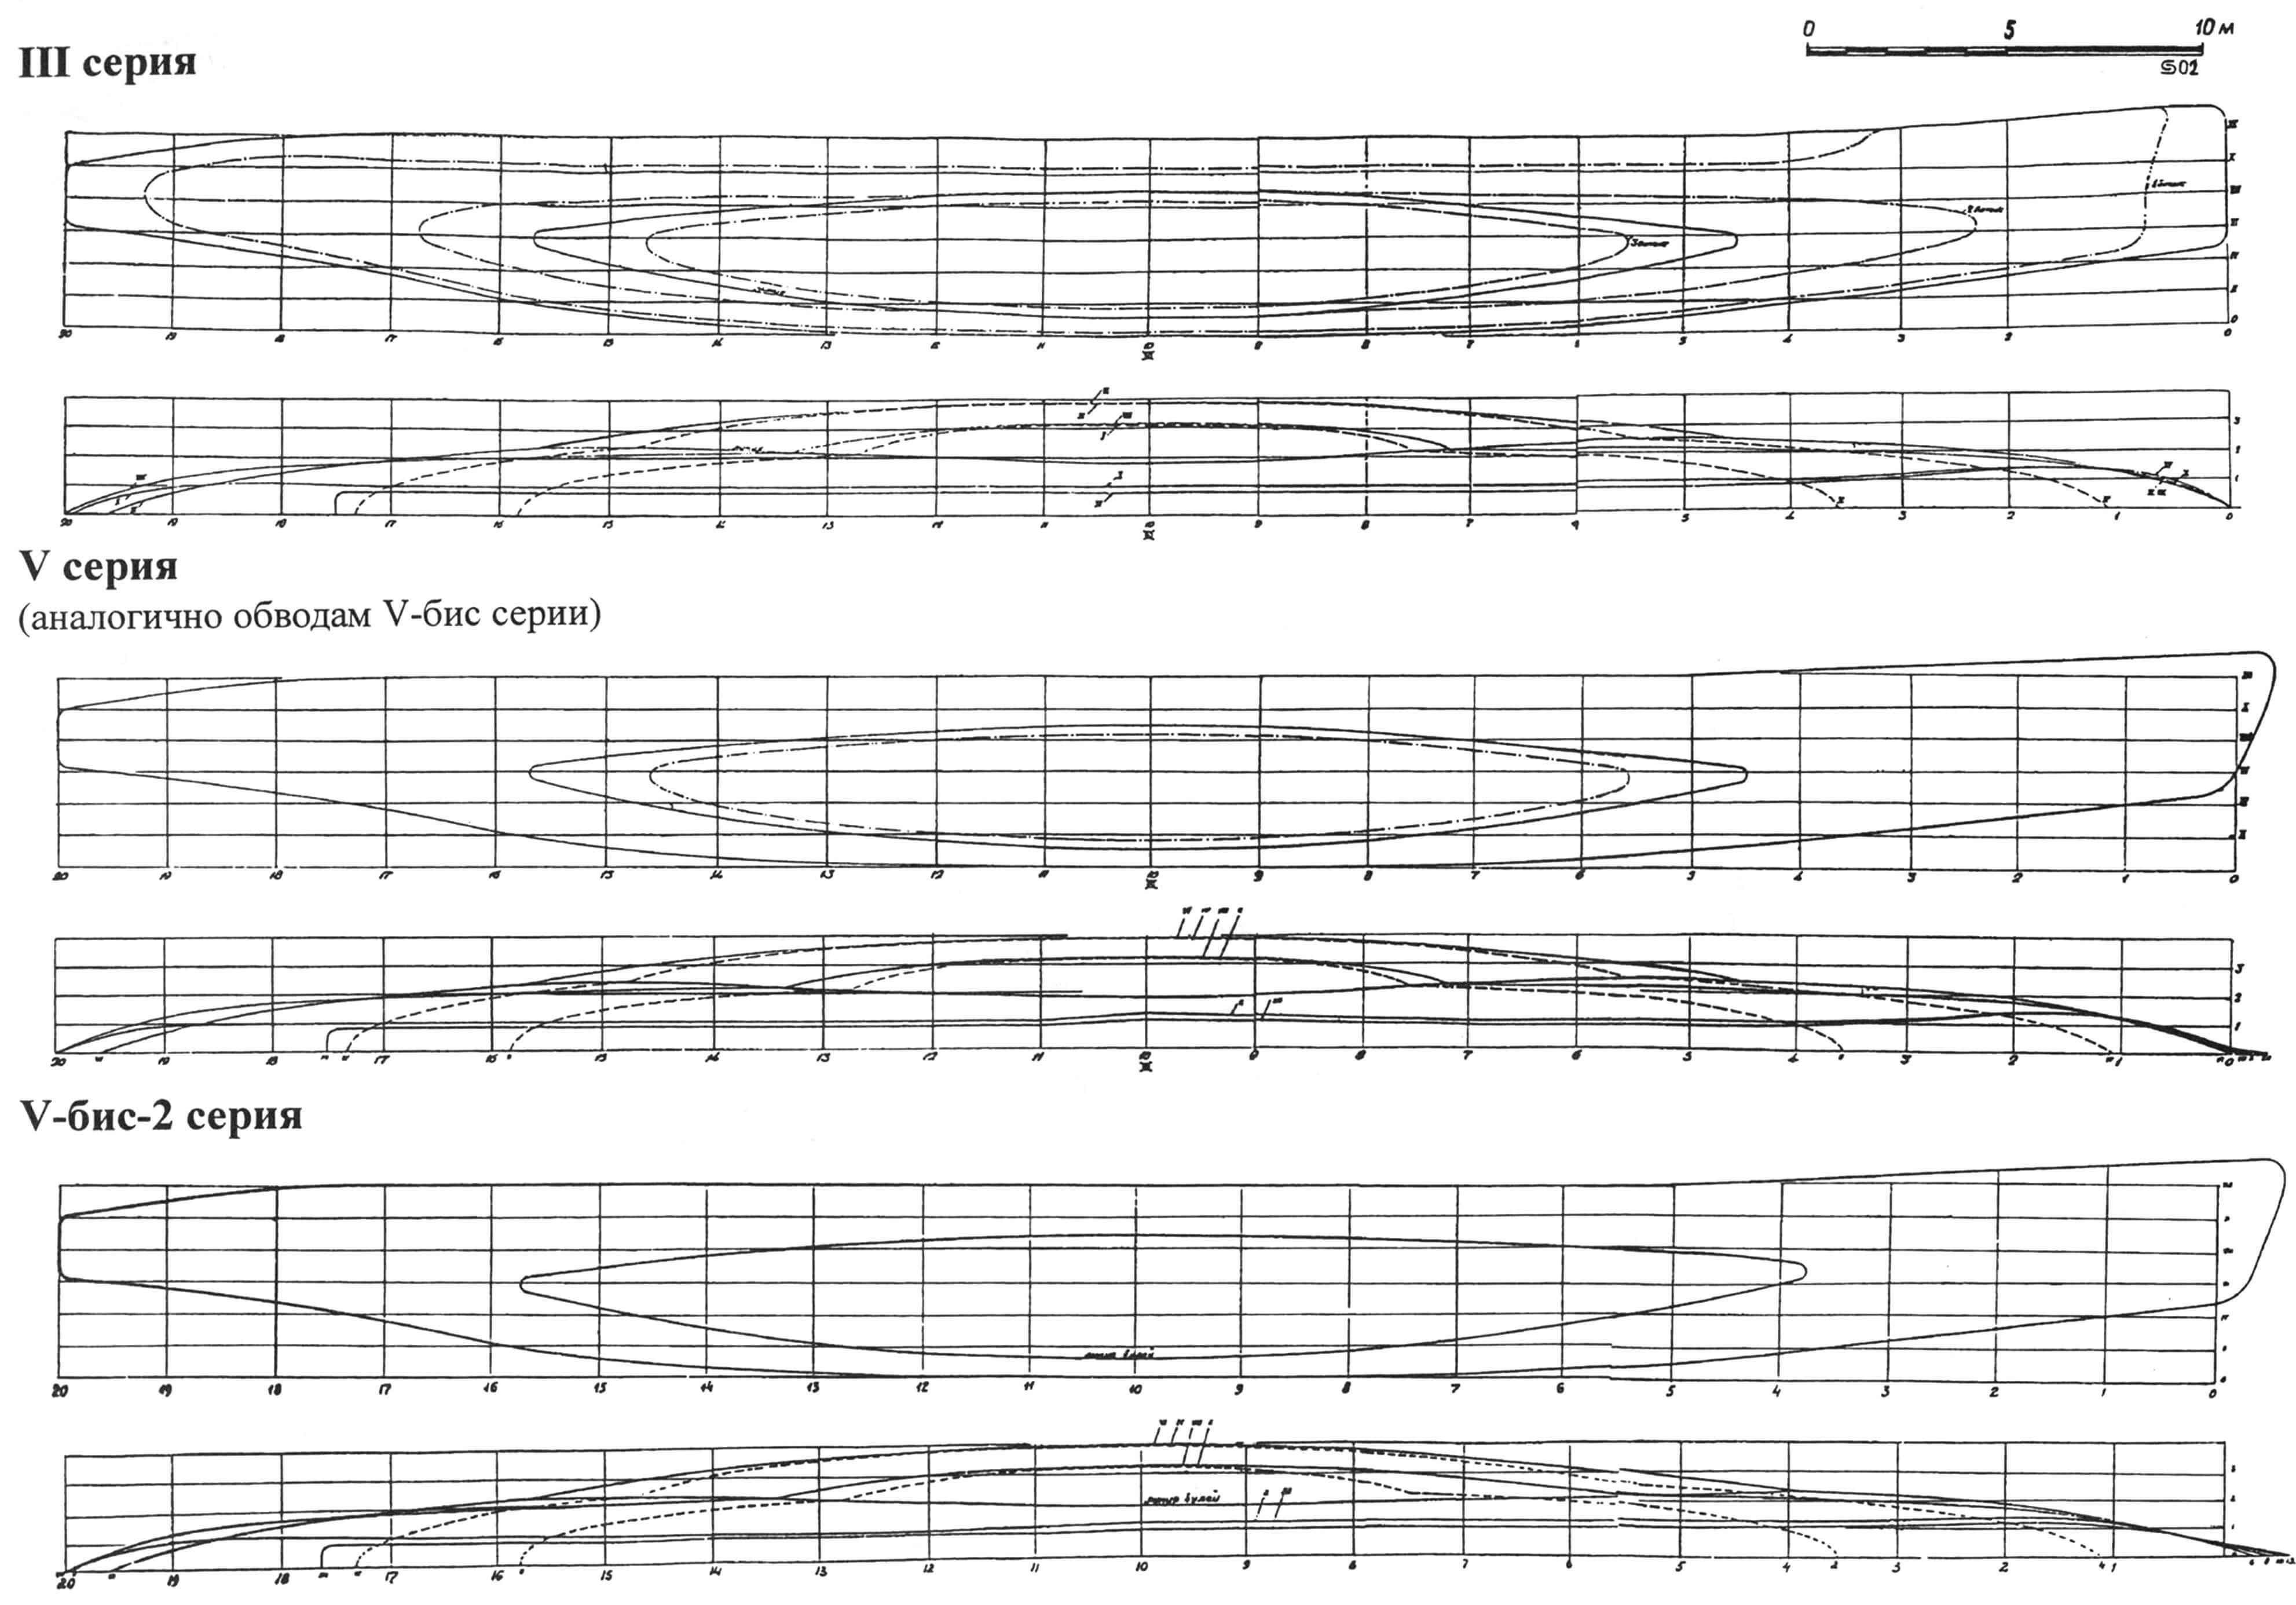 """Подлинные теоретические чертежи подводных лодок типа """"Щ"""""""